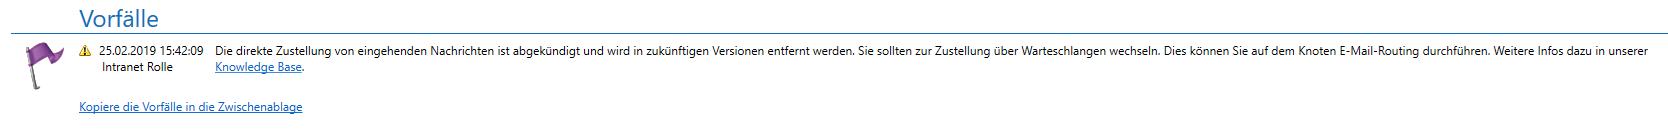 Meldung Direkte Zustellung deutsch